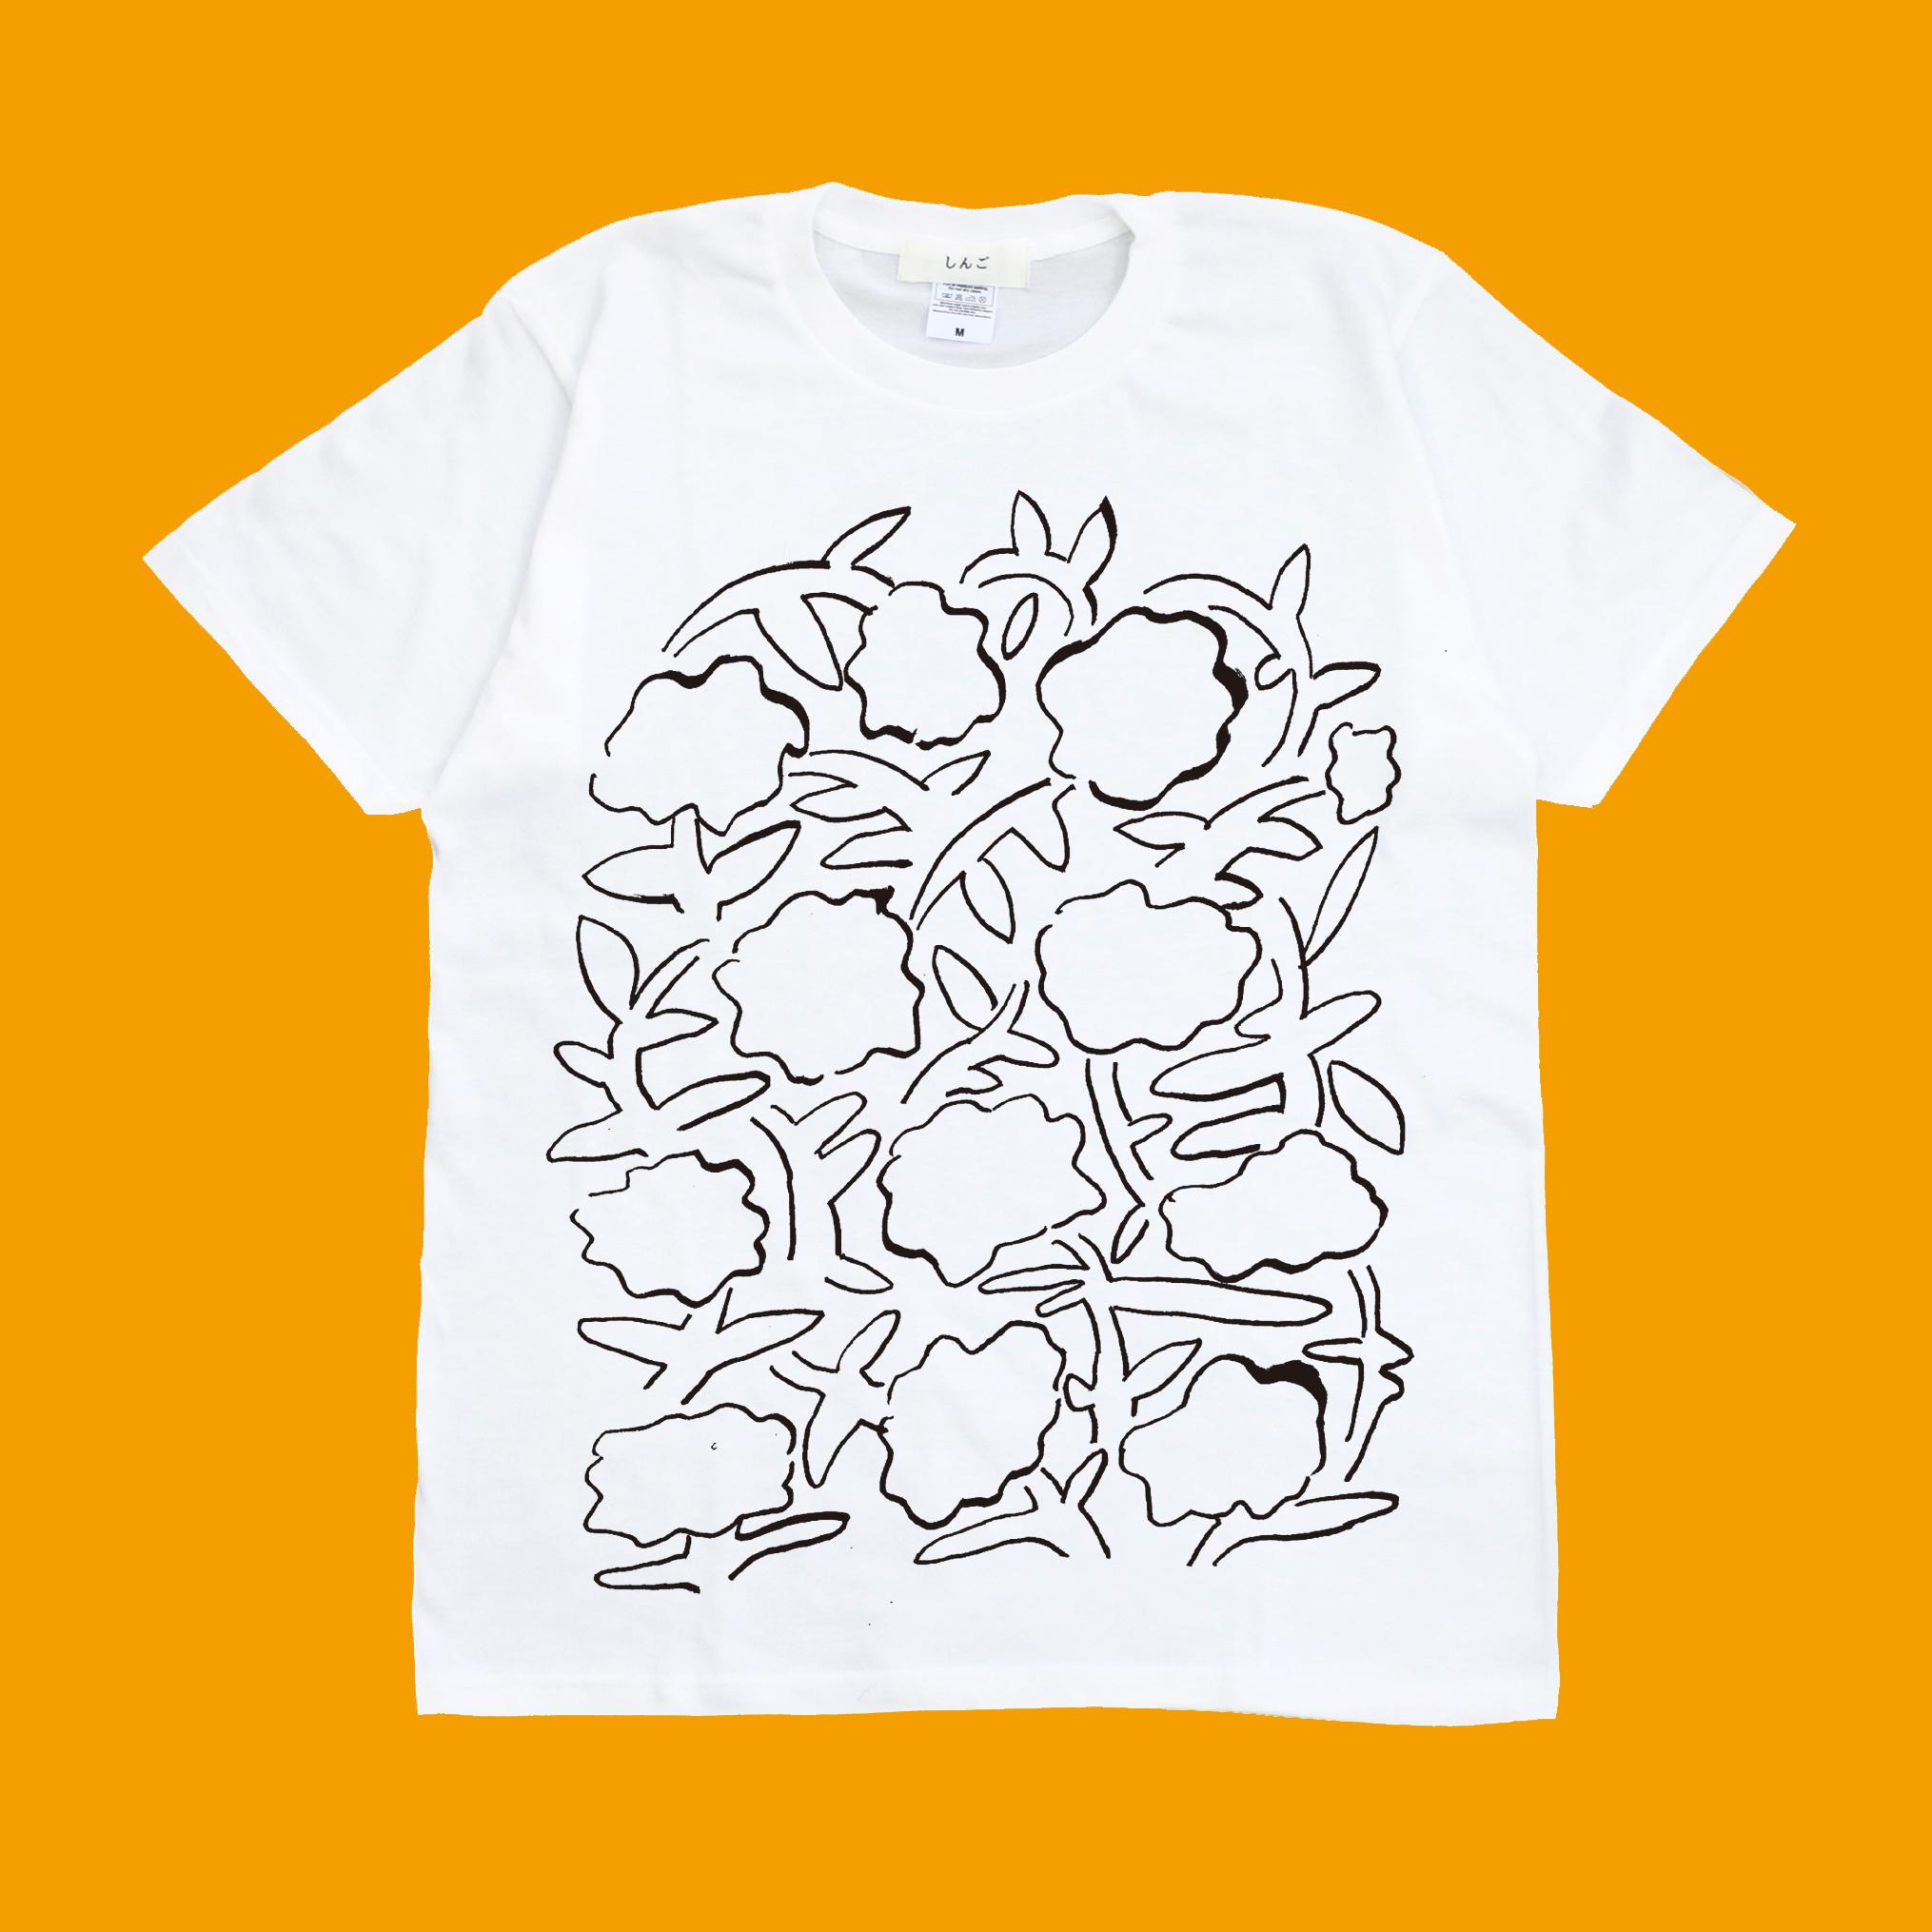 マリーゴールド(ドローイング) Tシャツ